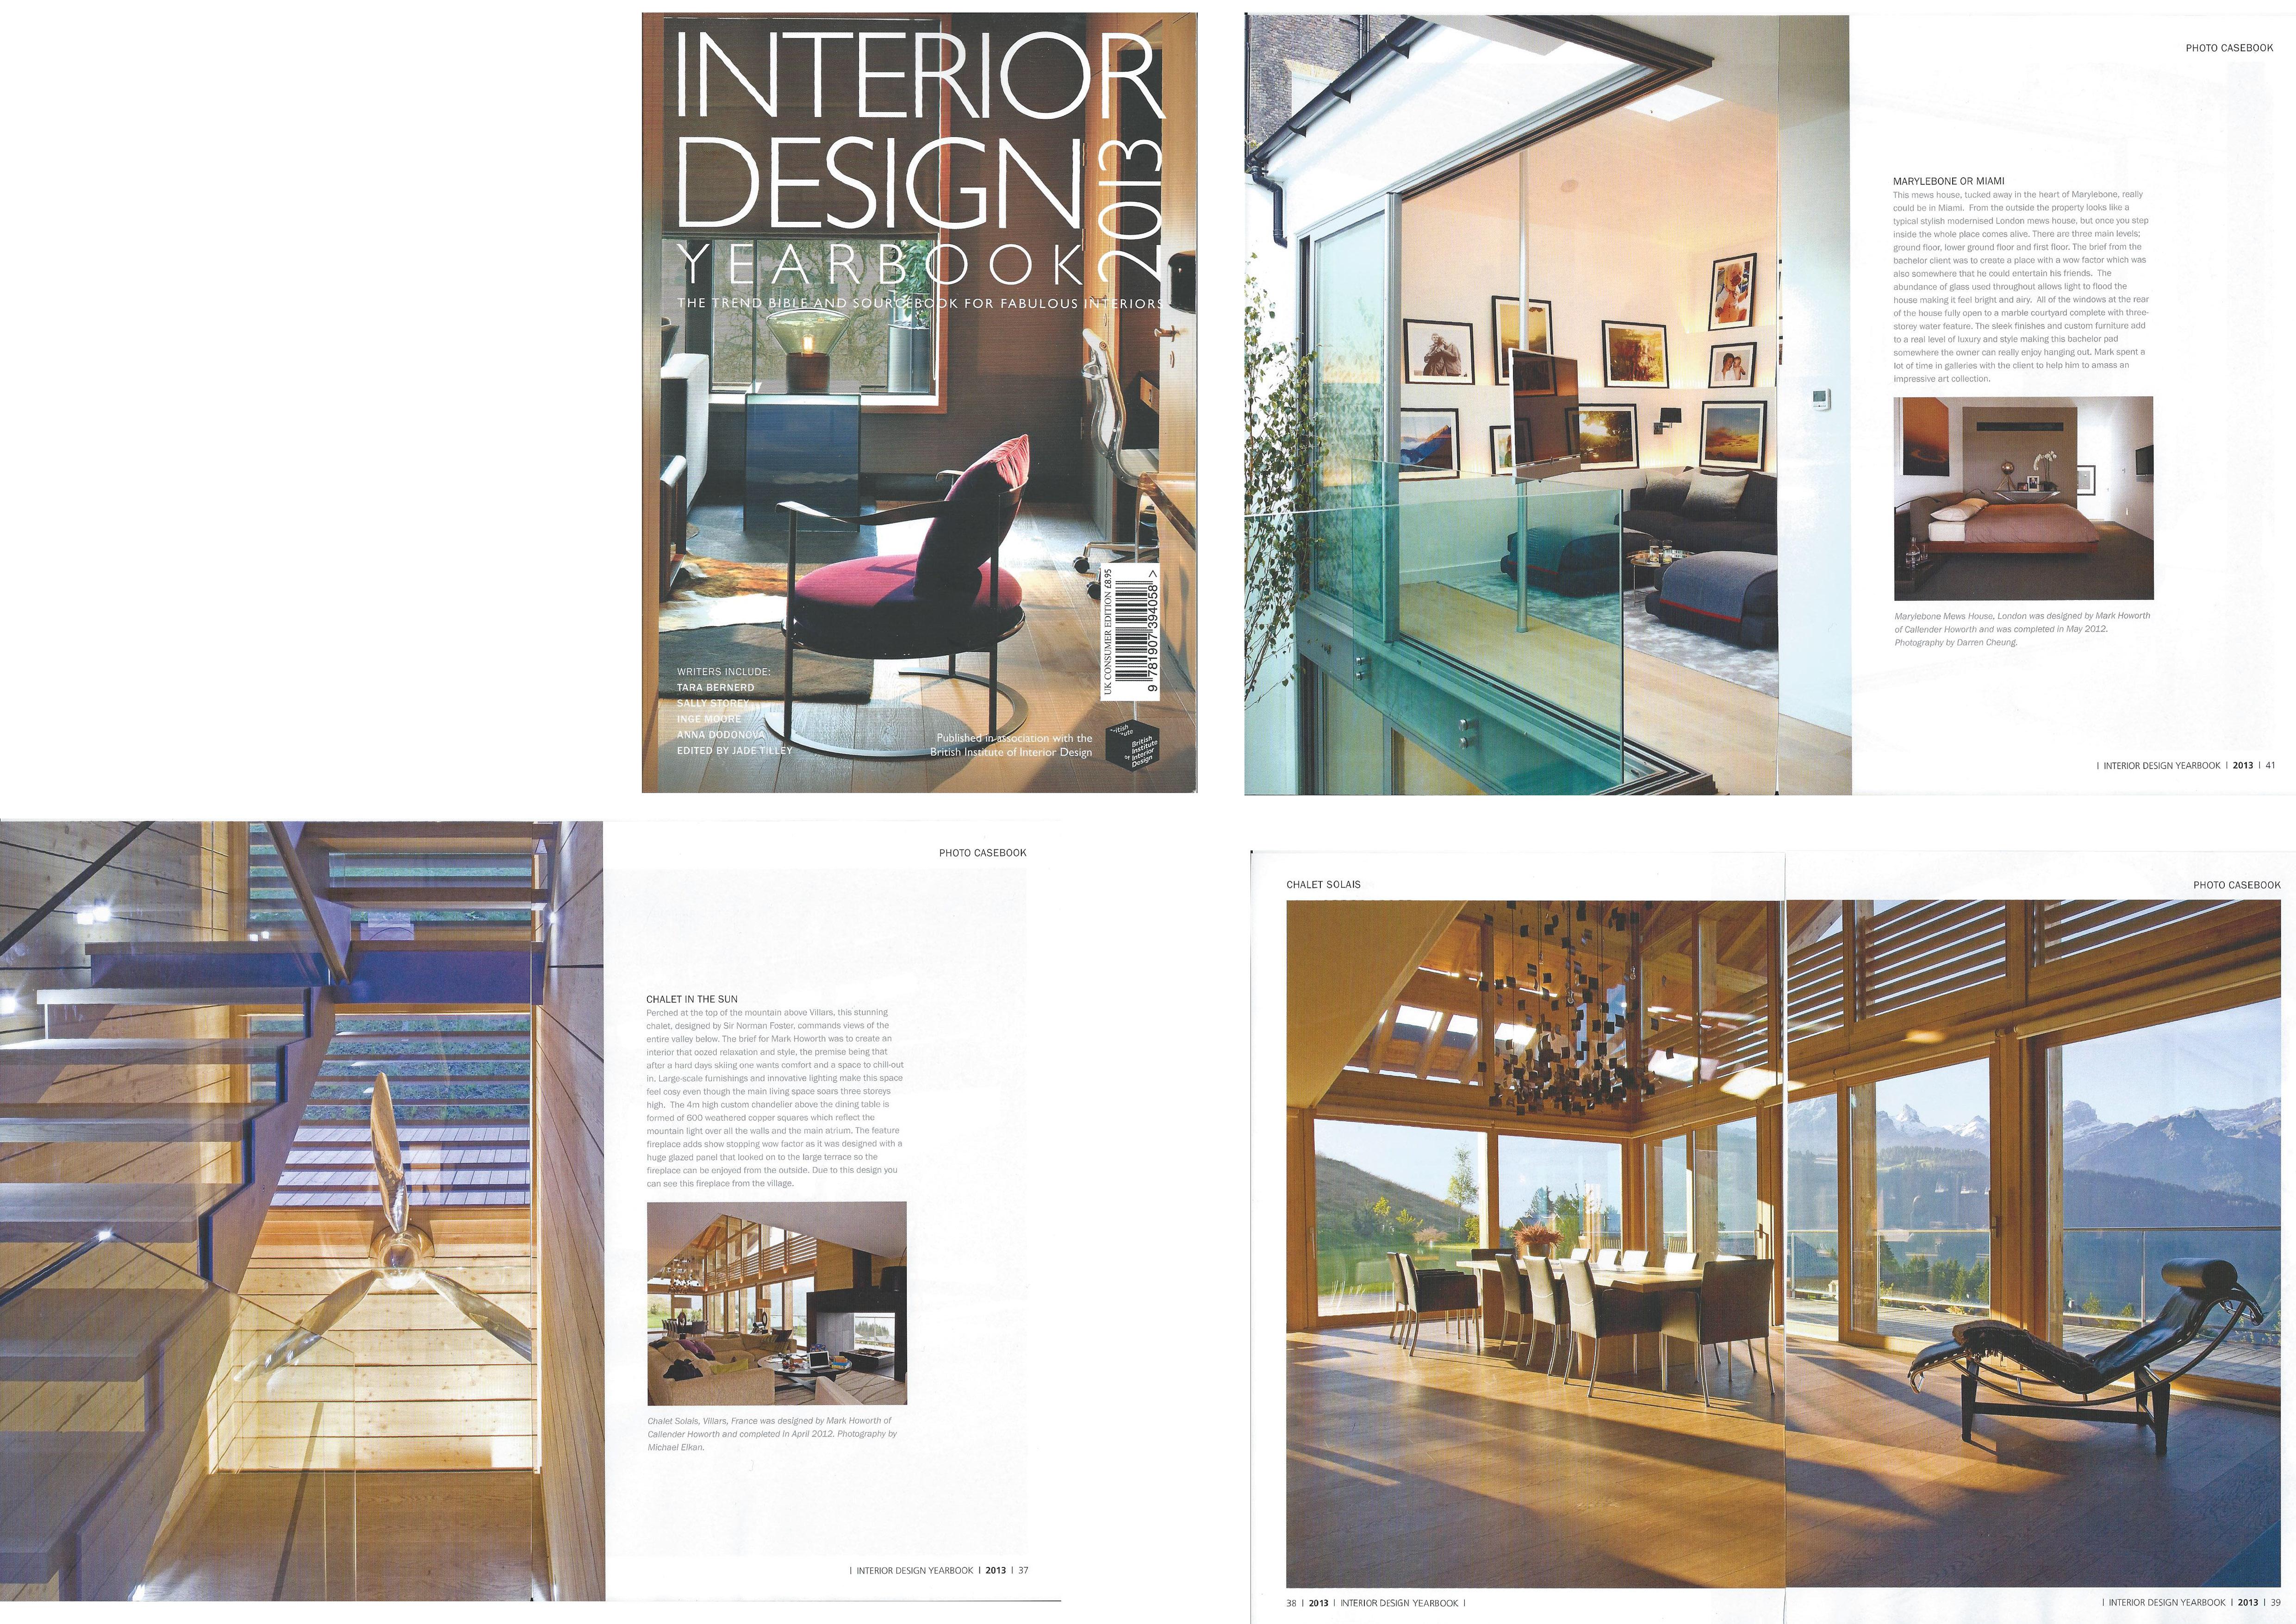 Interior design today yearbook callender howorth for Interior design yearbook